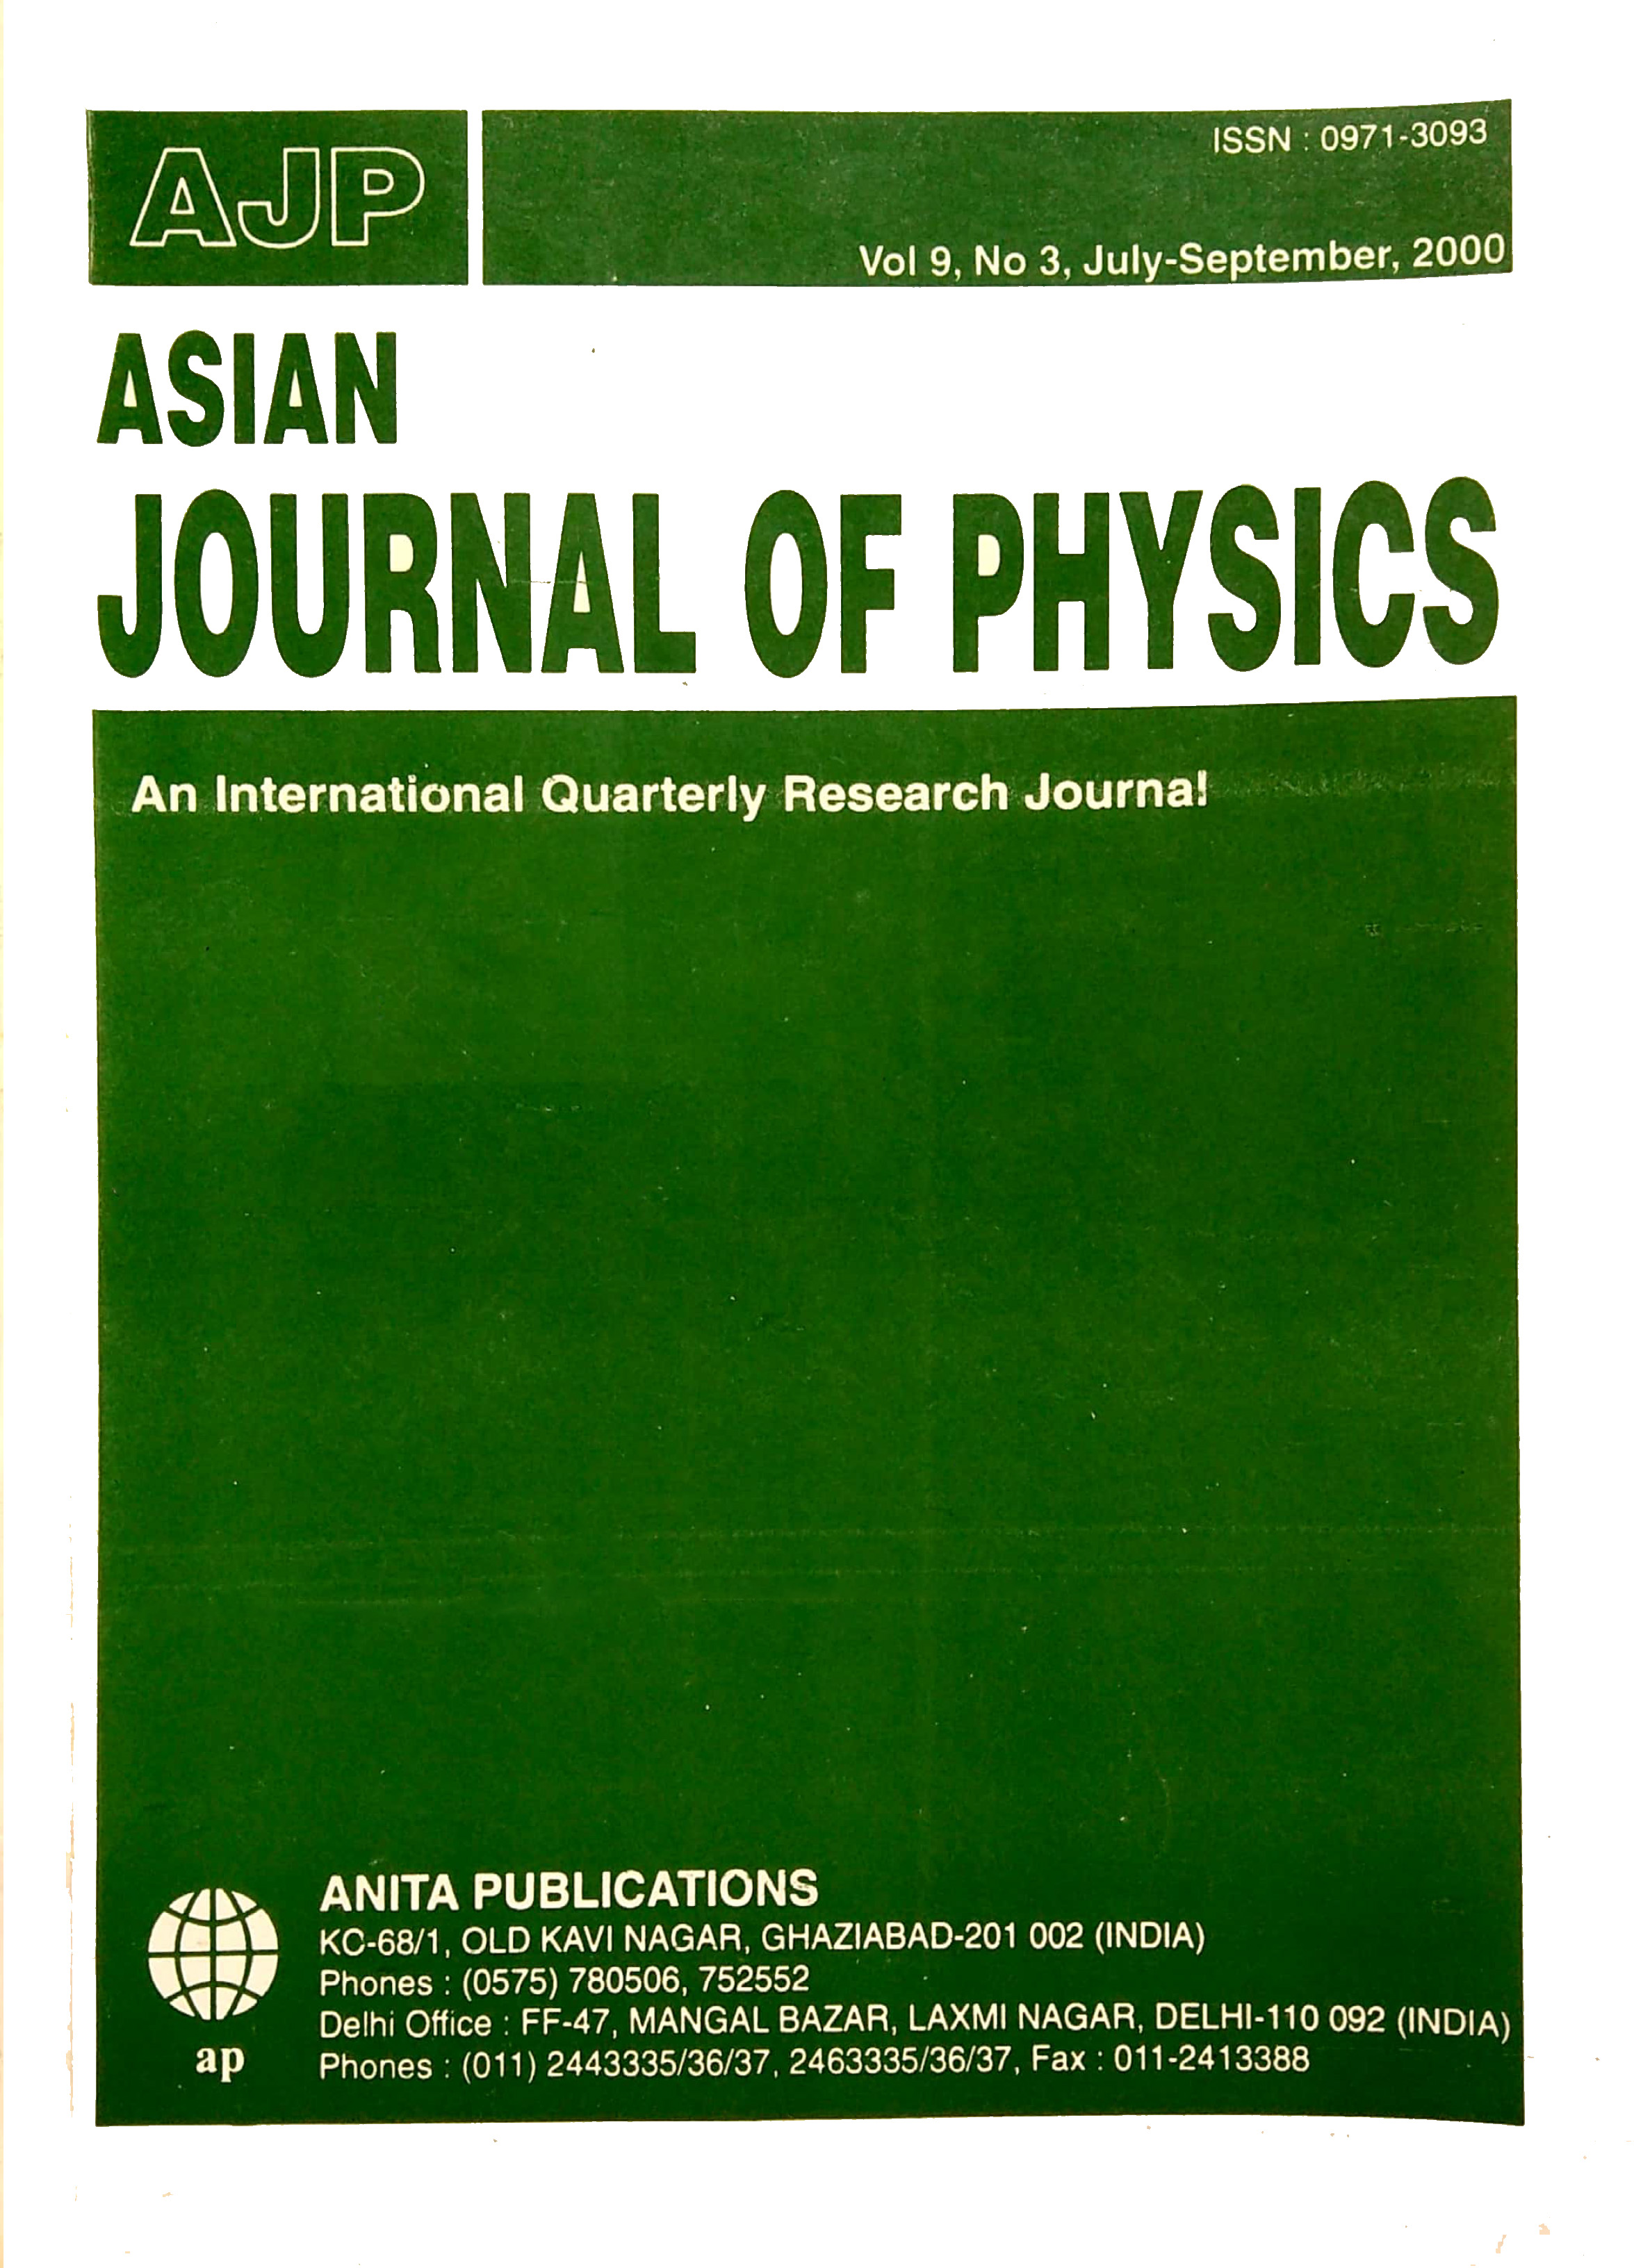 AJP Vol 9 No 3, 2000